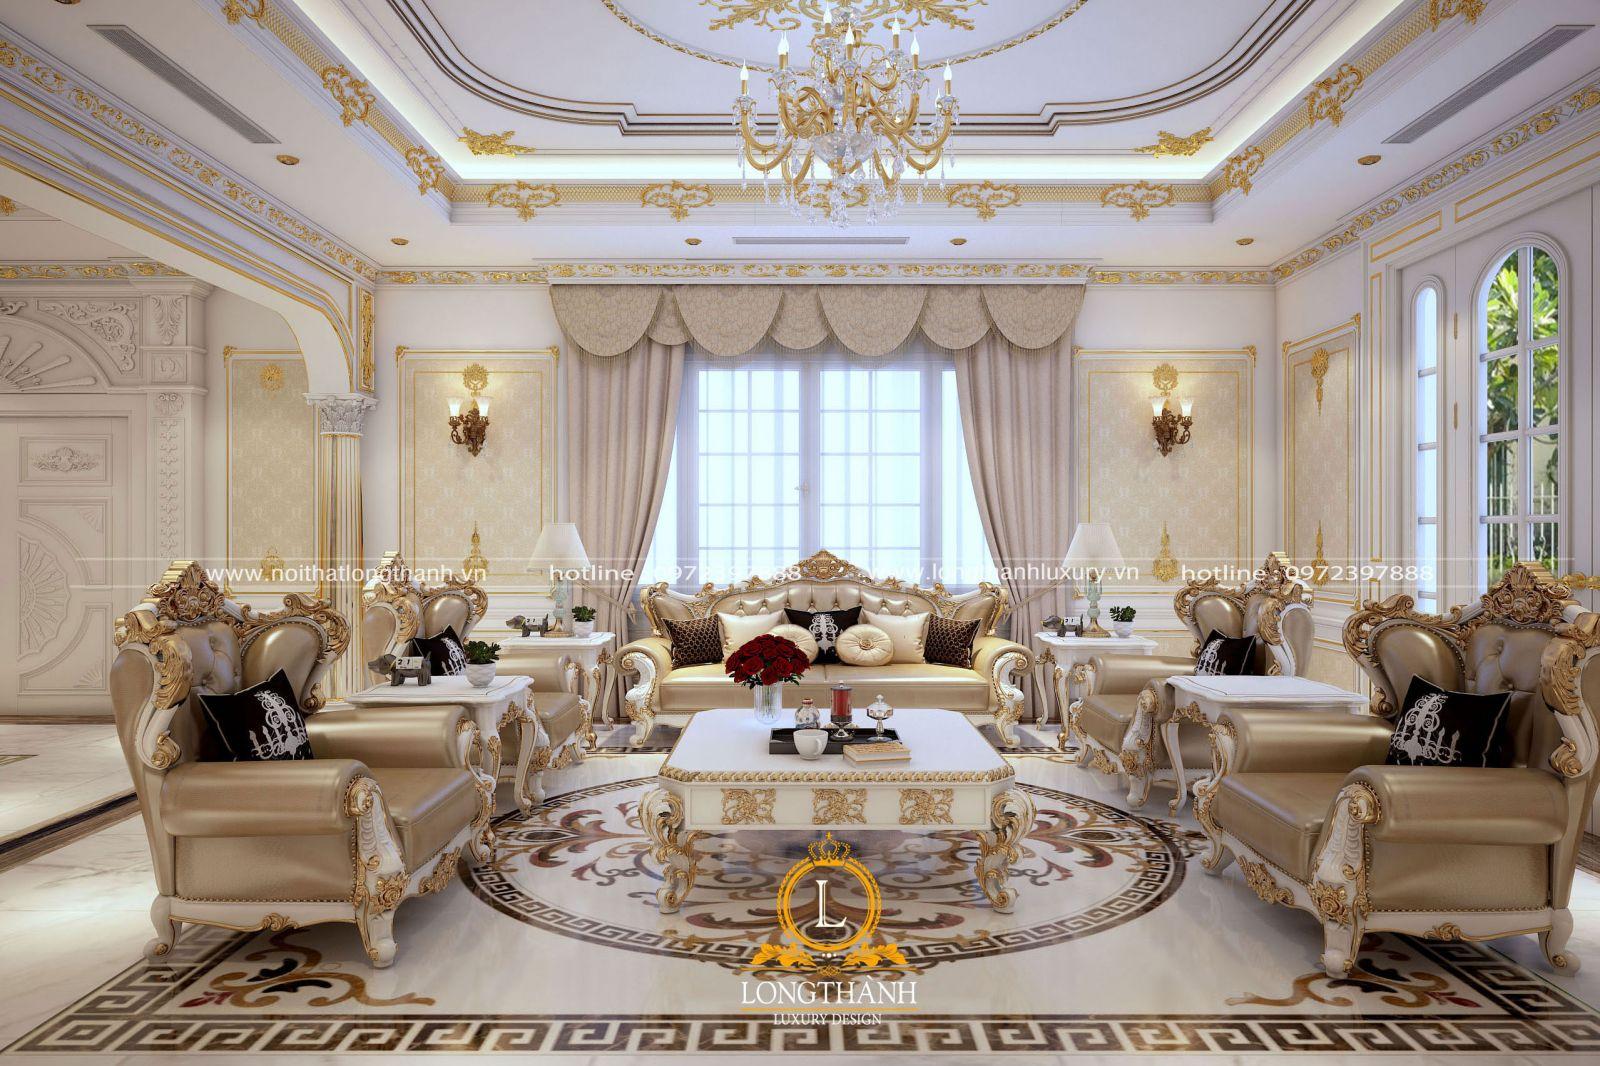 Sofa tân cổ điển hình chữ u cho phòng khách biệt thự rộng